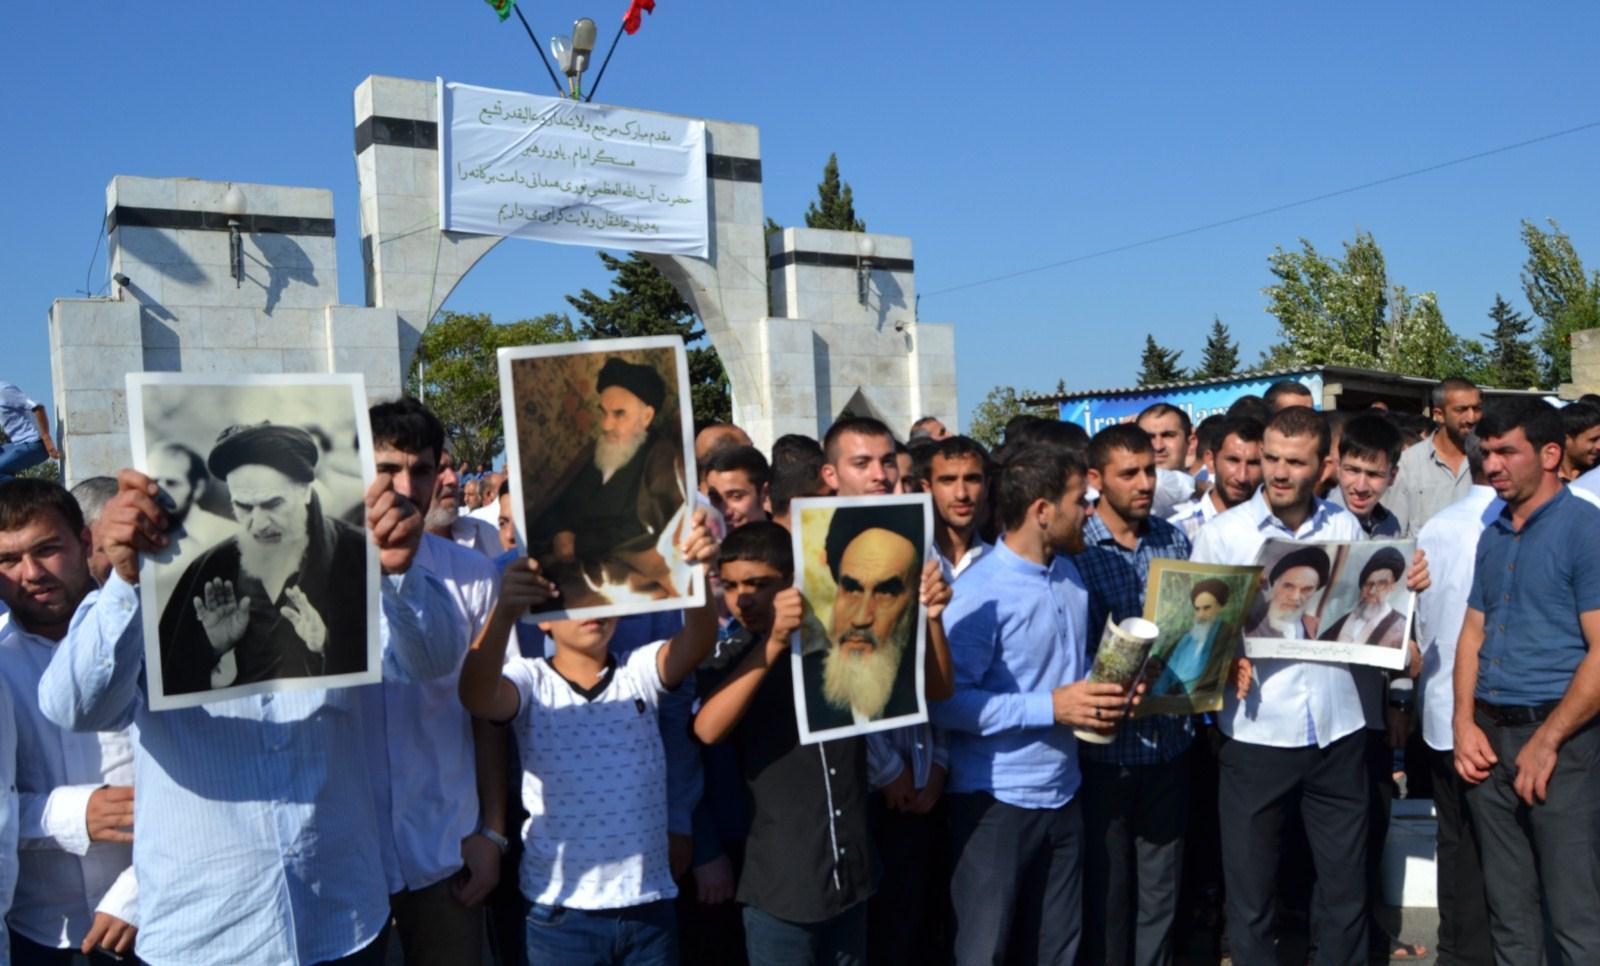 بازداشت رئیس شورای ریش سفیدان نارداران باکو / ادامه فشار بر فعالان شیعی